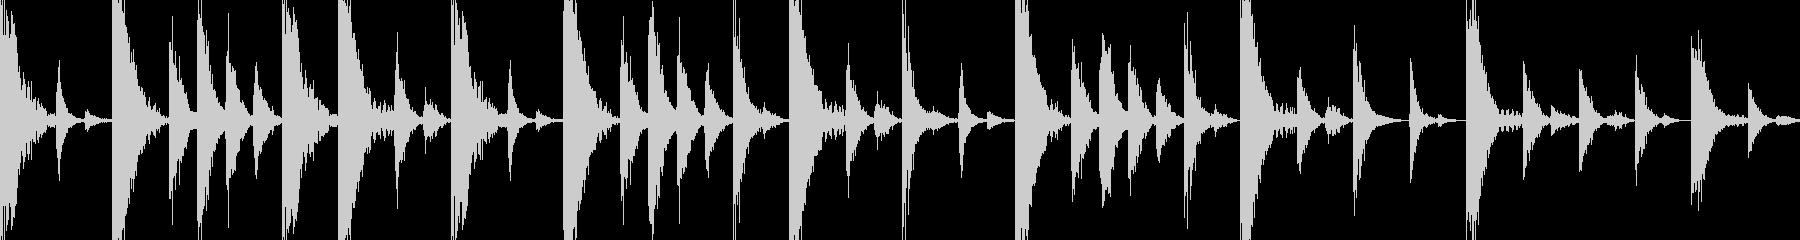 ドラムンベースのリズムループパターン#2の未再生の波形